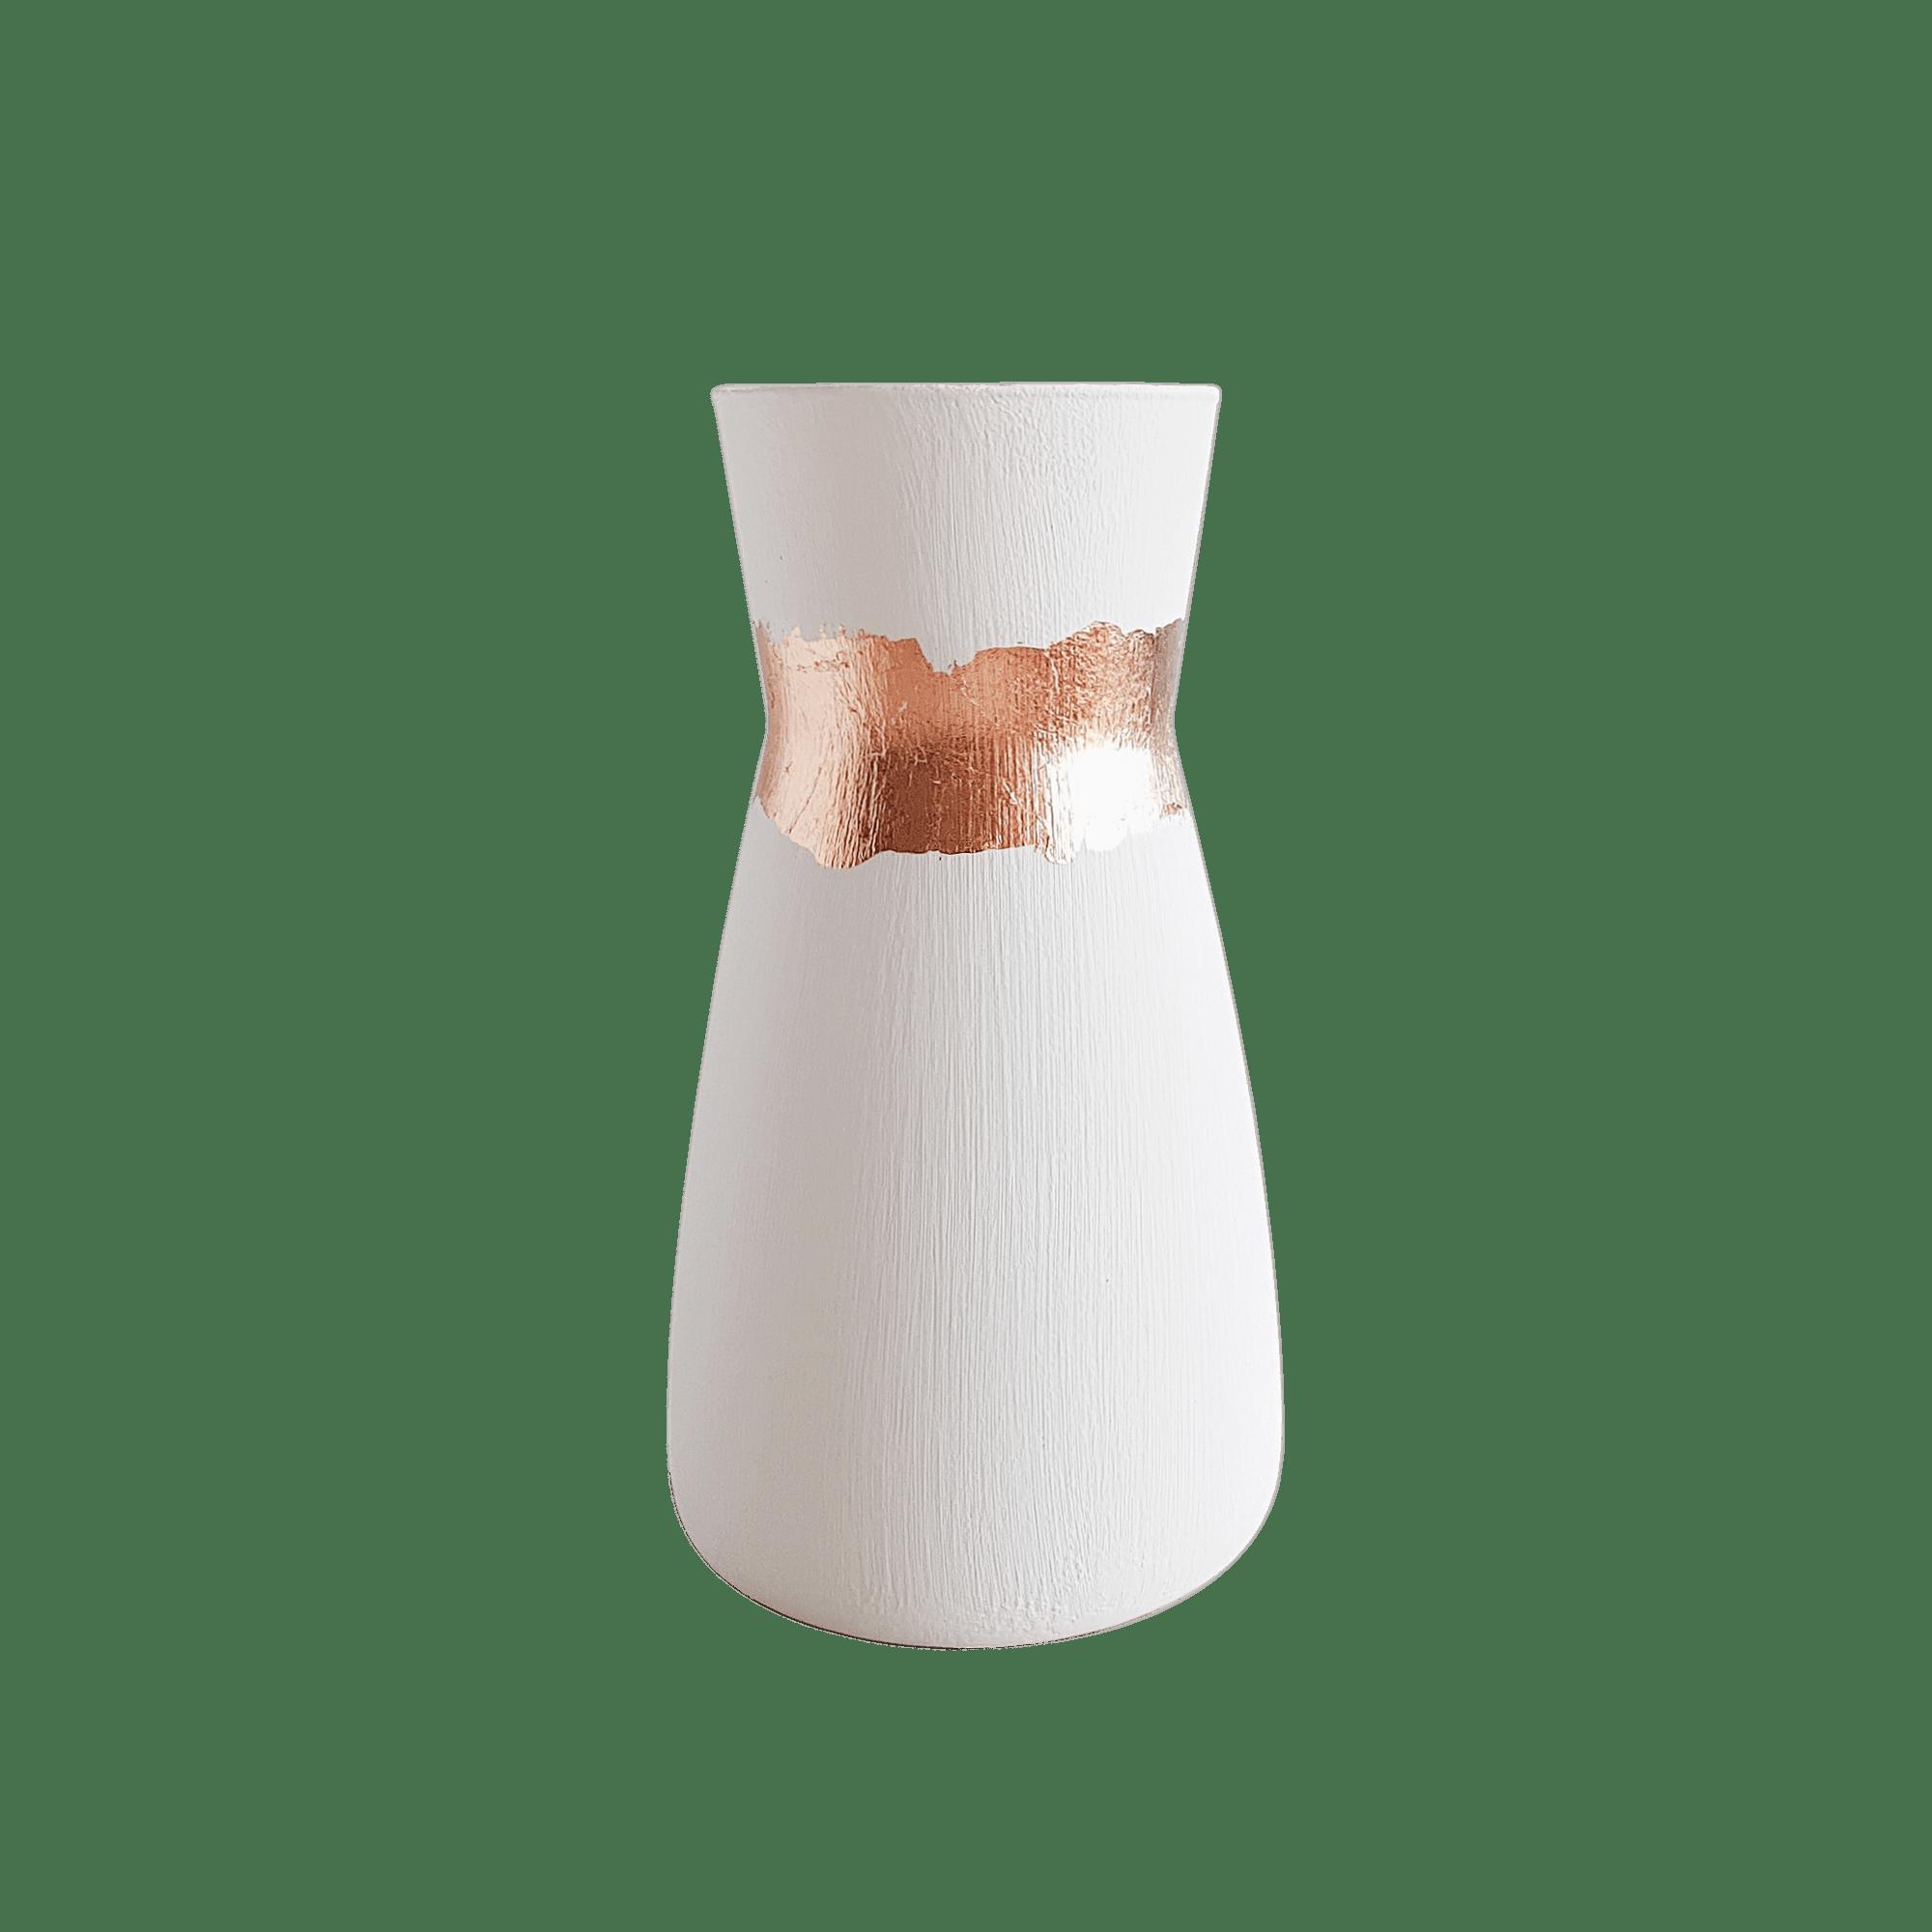 The-Rain-in-Spain--Margaery-Vase-20-cm-1.png?w=300fm=jpgq=80?fm=jpgq=85w=300